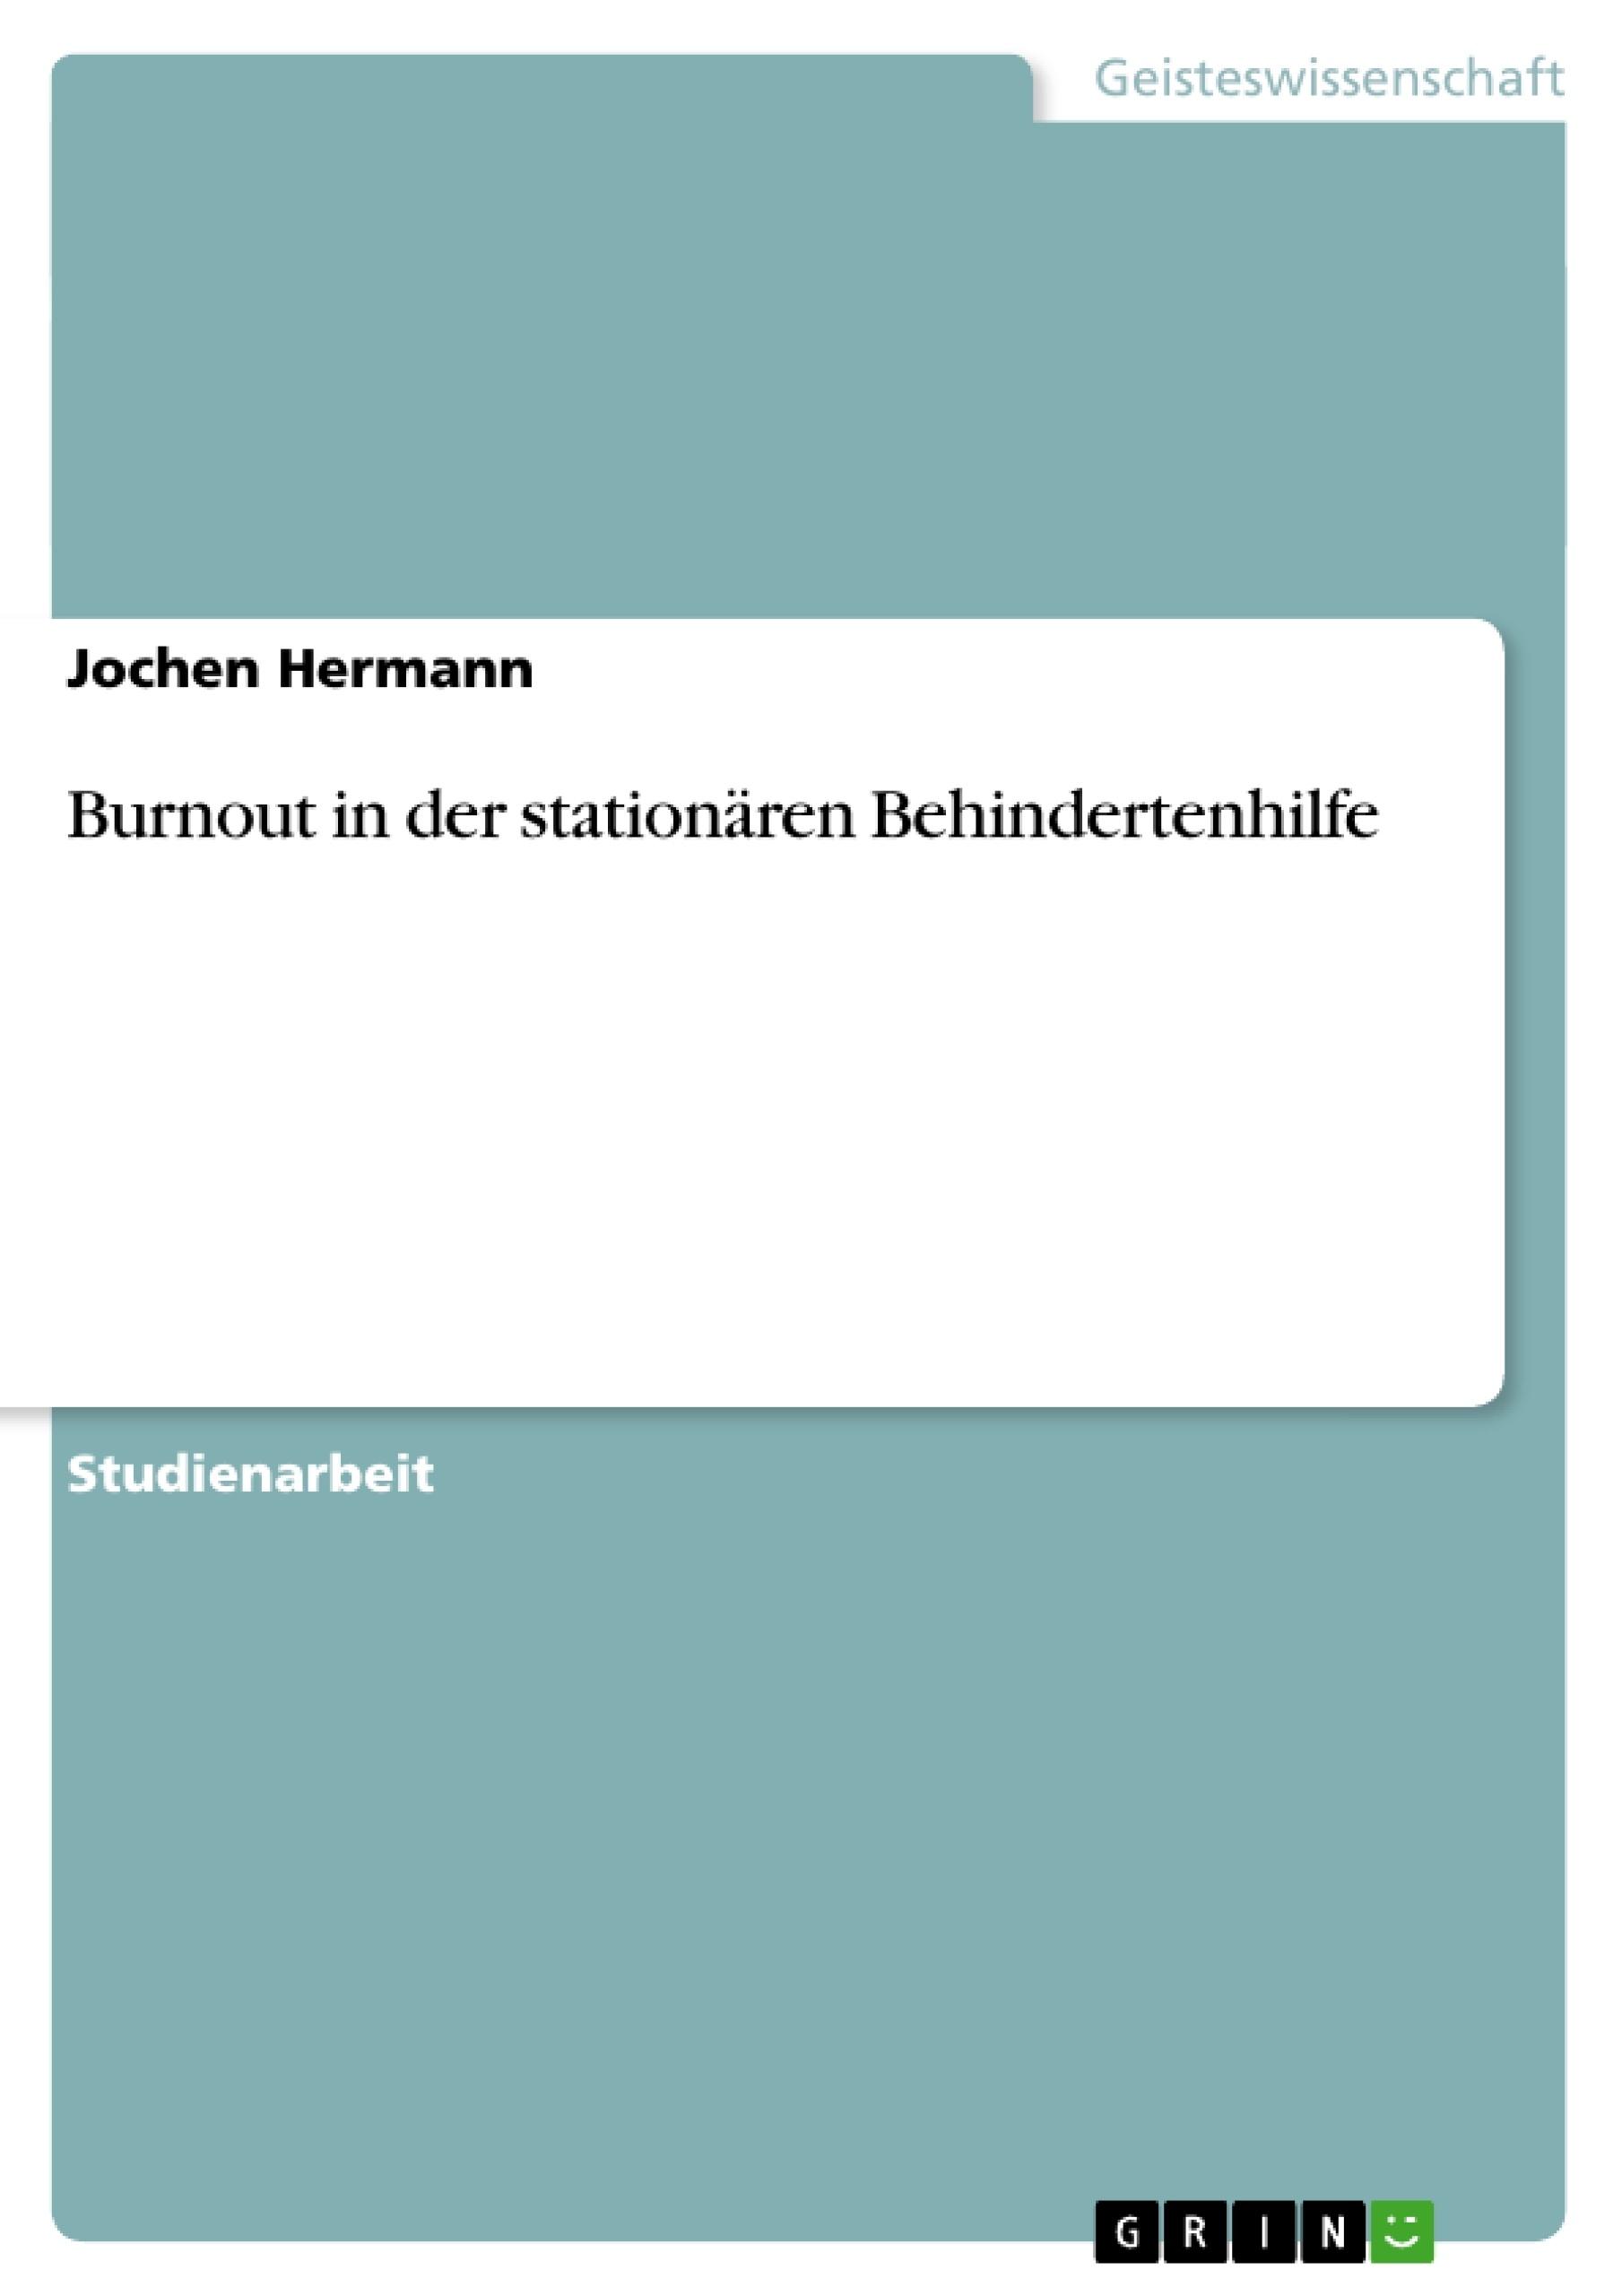 Titel: Burnout in der stationären Behindertenhilfe